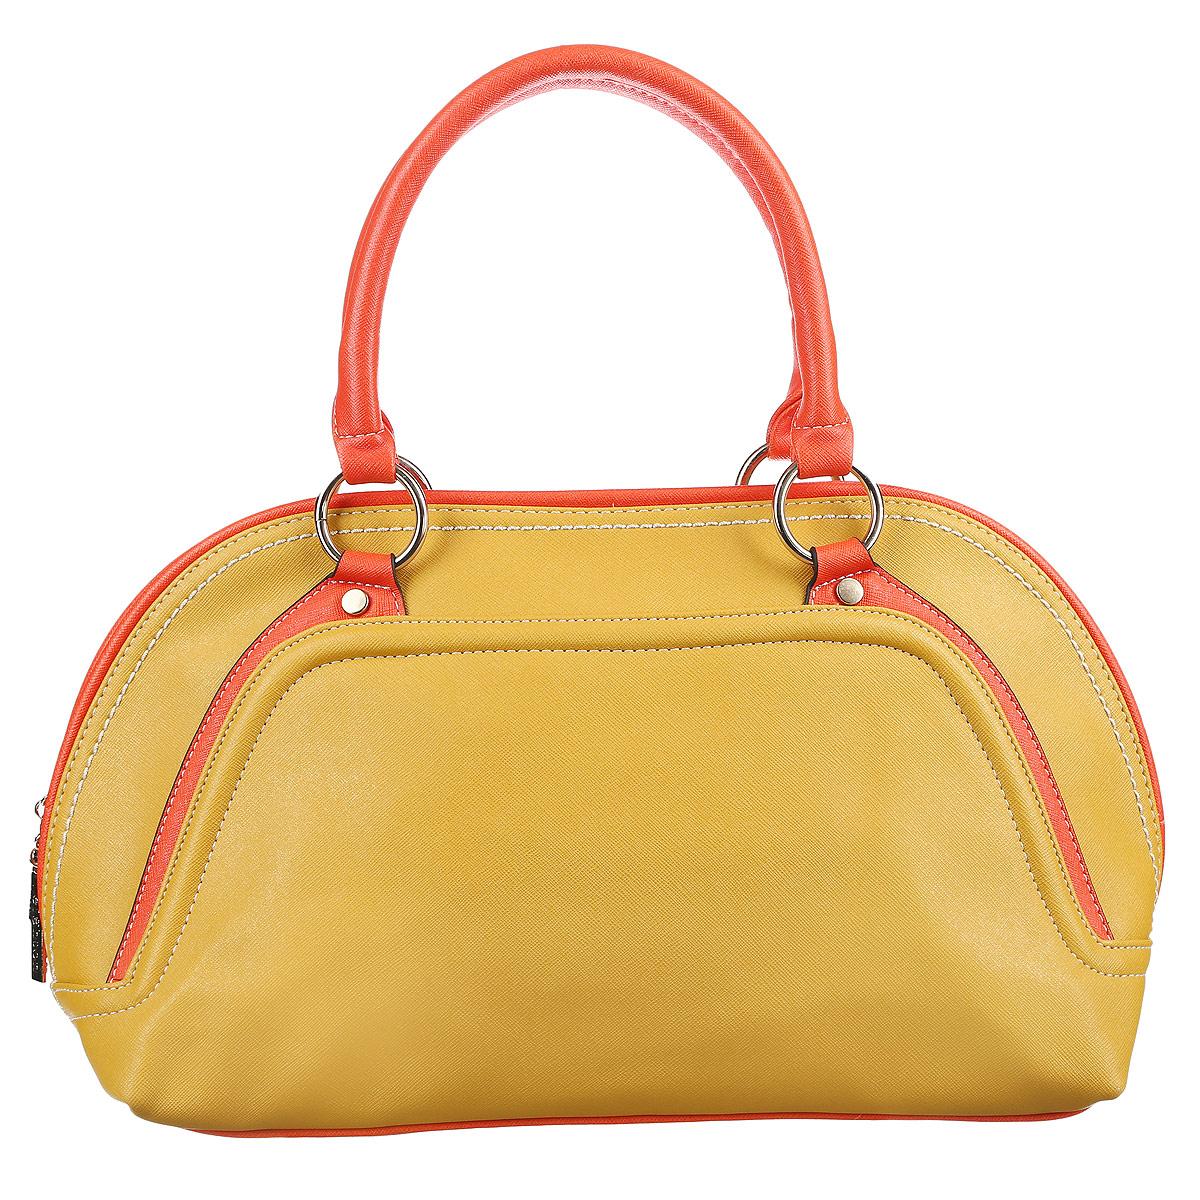 Сумка женская Leighton, цвет: желтый, оранжевый. 90468-3769/19/3769/18 жел10130-11Оригинальная женская сумка Leighton выполнена из высококачественной искусственной кожи. Сумка имеет одно большое отделение и закрывается на застежку-молнию с двумя бегунками. Внутри вшитый карман на молнии, накладной карман на застежке-молнии, два накладных кармана для мелочей и мобильного телефона. На внешней стороне сумки расположен дополнительный карман на застежке-молнии. Сумка оснащена двумя удобными ручками и жестким основанием.Классическое цветовое сочетание, стильный декор и модный дизайн сумочки Leighton - прекрасное дополнение к гардеробу модницы.